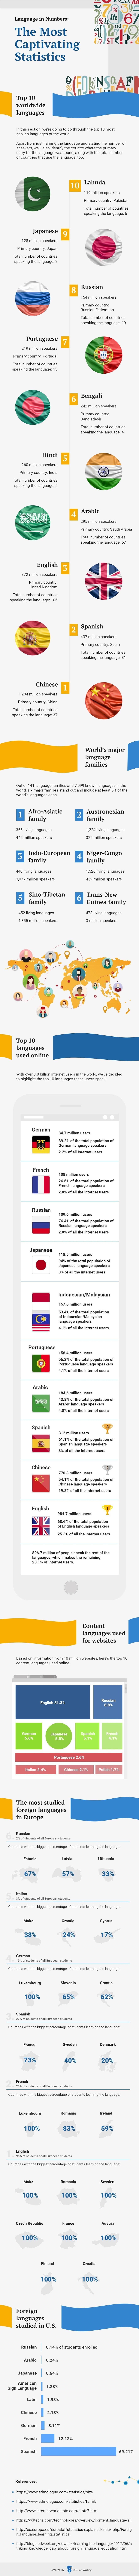 El lenguaje en números, los 10 idiomas más hablados del mundo